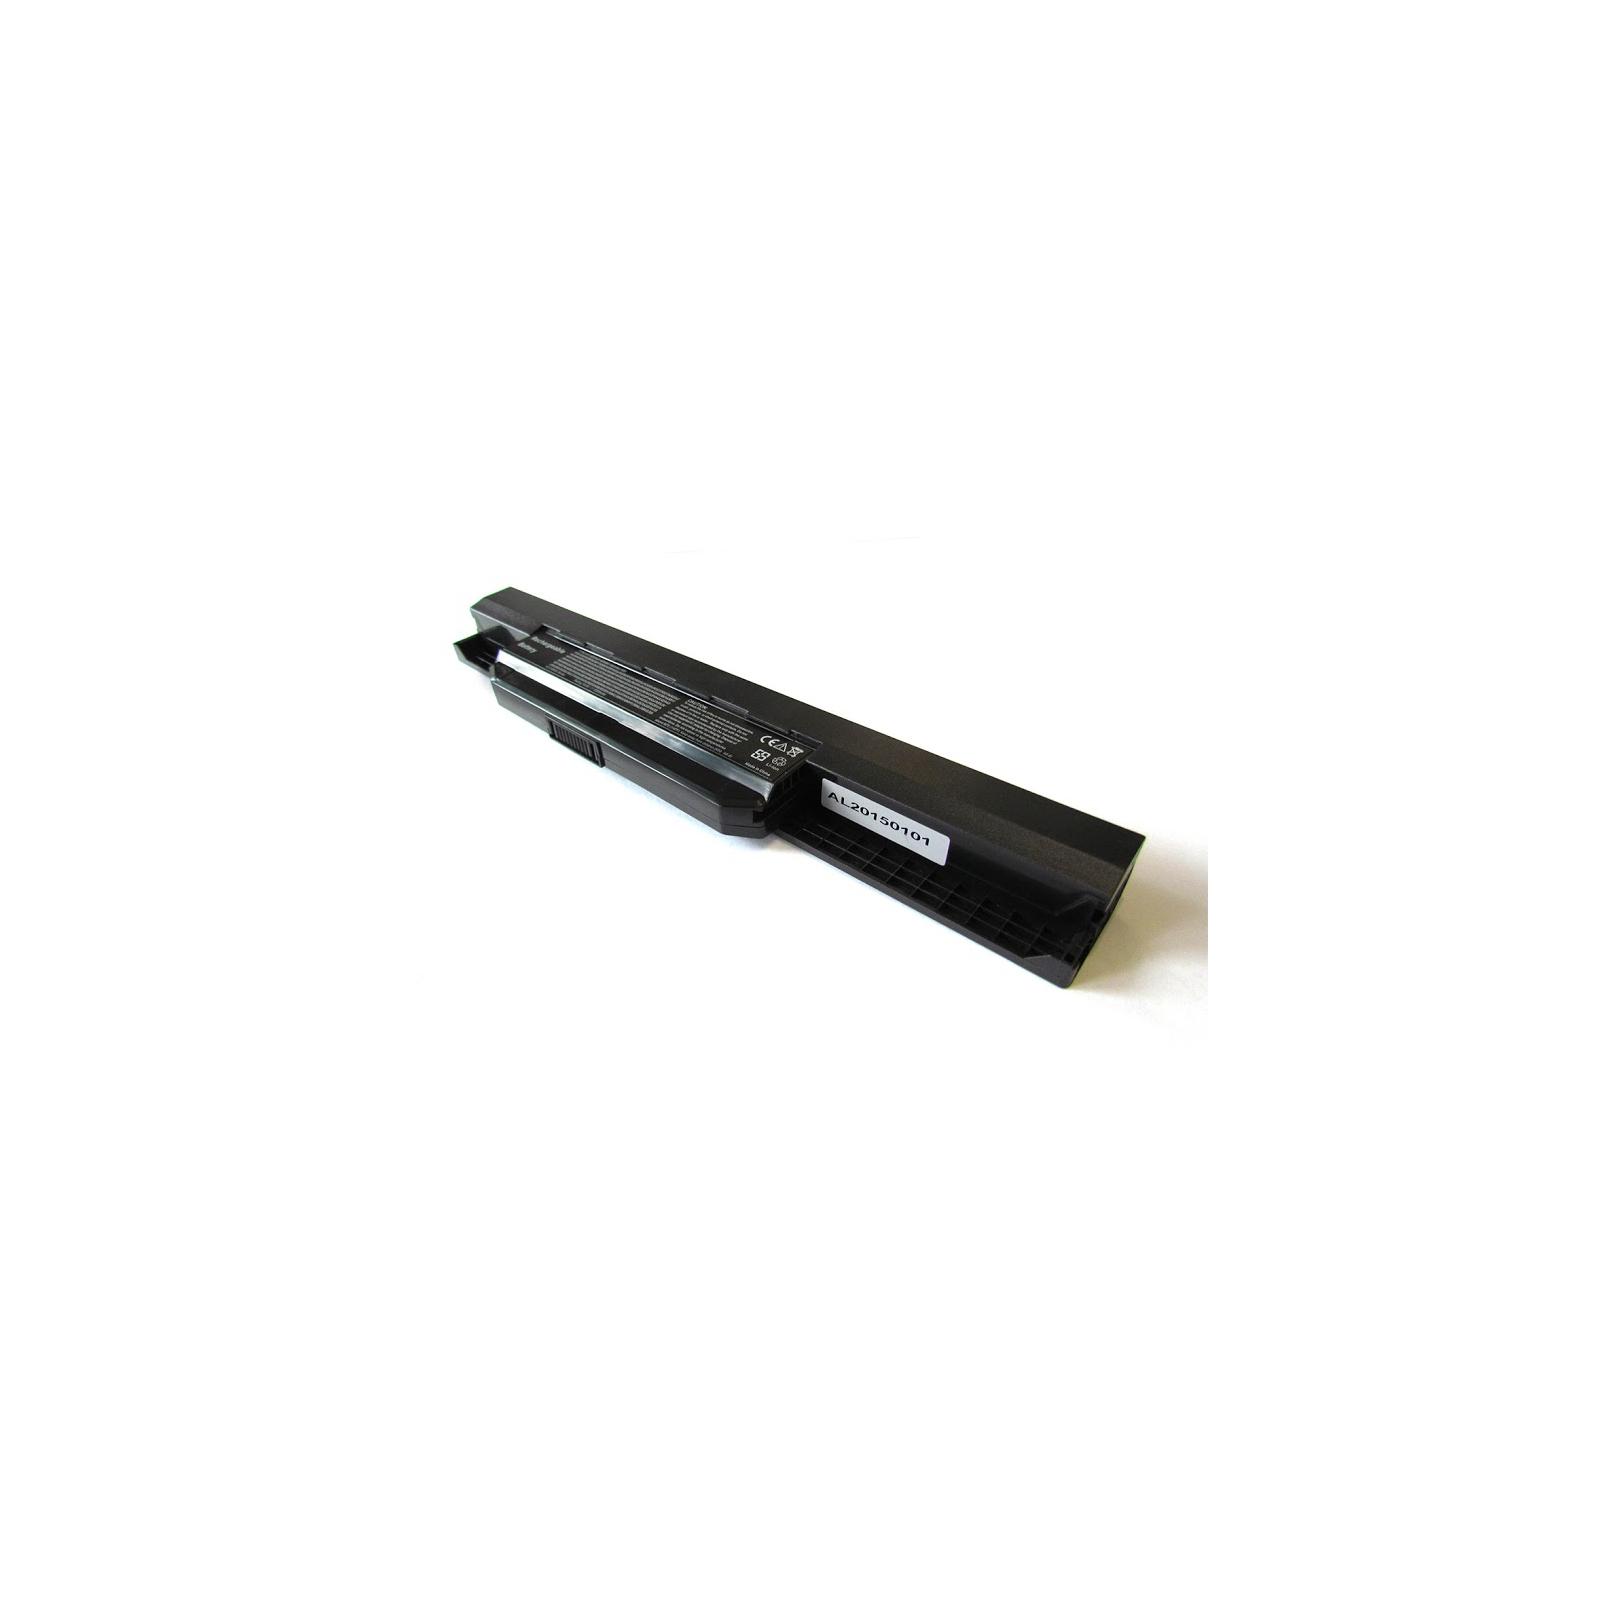 Аккумулятор для ноутбука Asus K53 10,8V 4400mAh Grand-X (A32-K53)